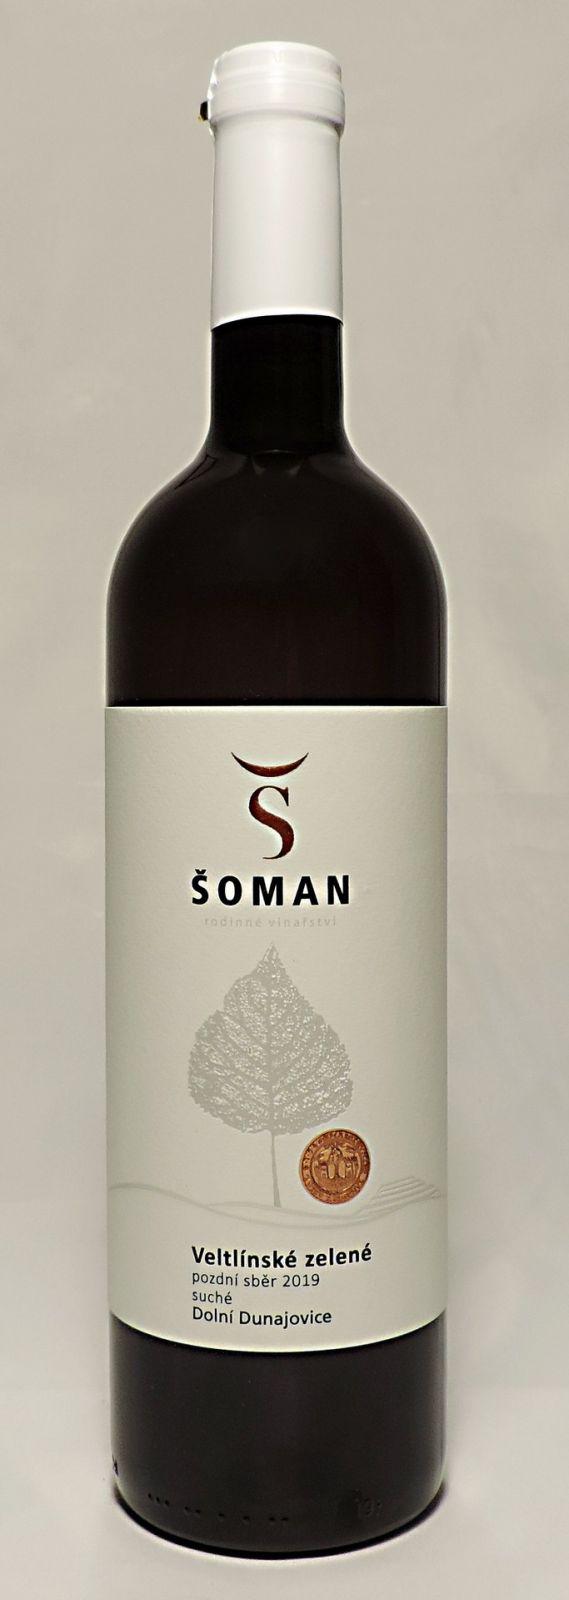 Veltlínské zelené 2019, pozdní sběr, suché, 0,75 l - vinařství Šoman